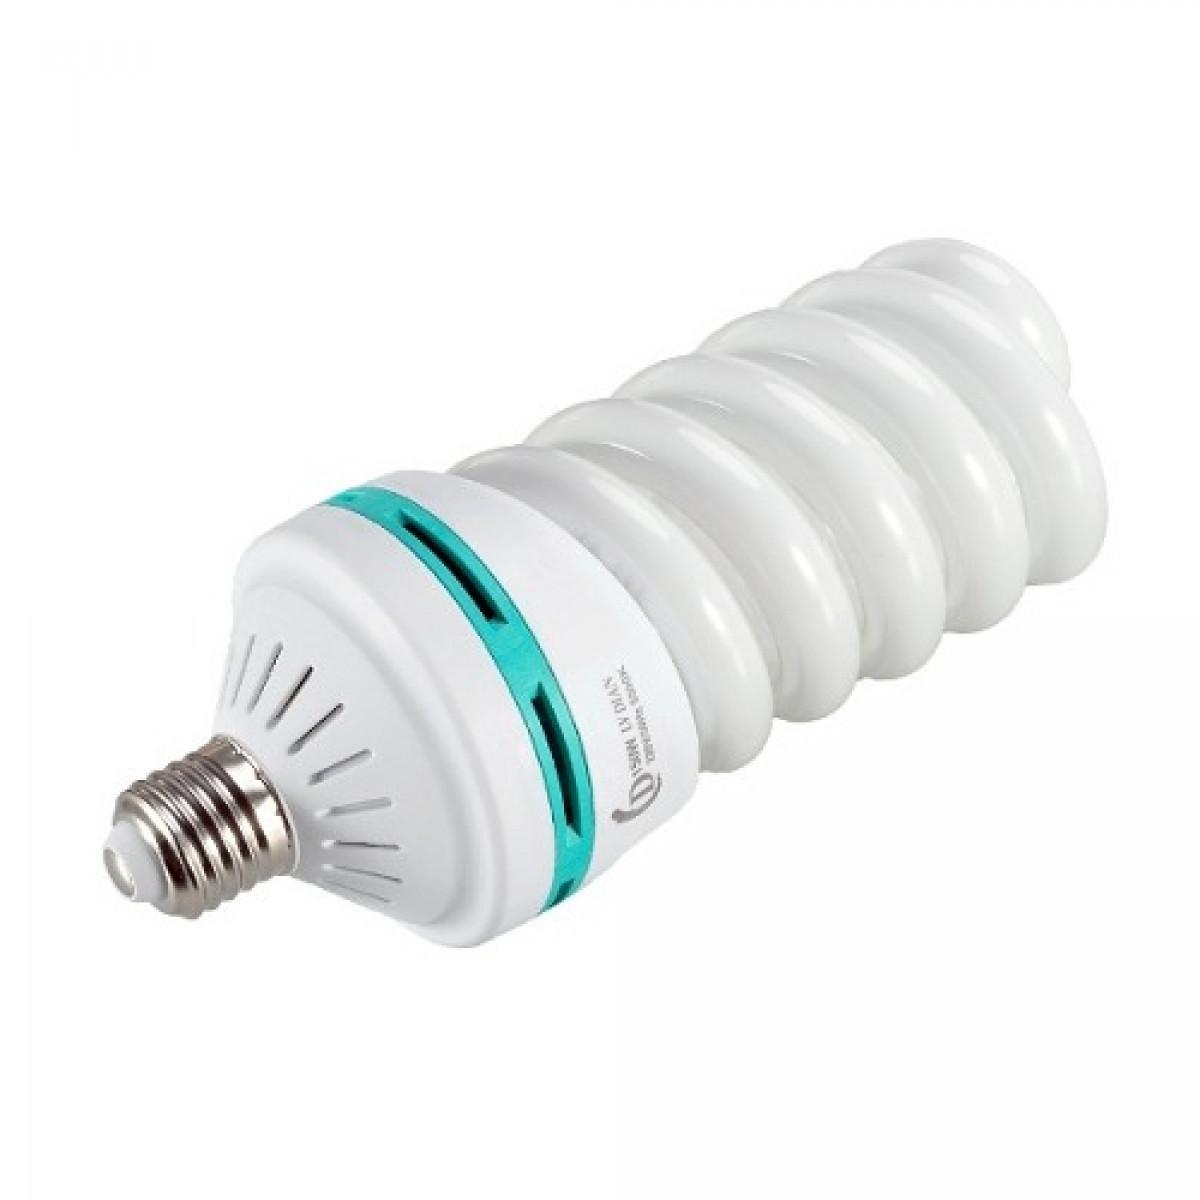 Флуоресцентная лампа для студийного света Fotobestway 65 Вт (цоколь E27, 5500 K)